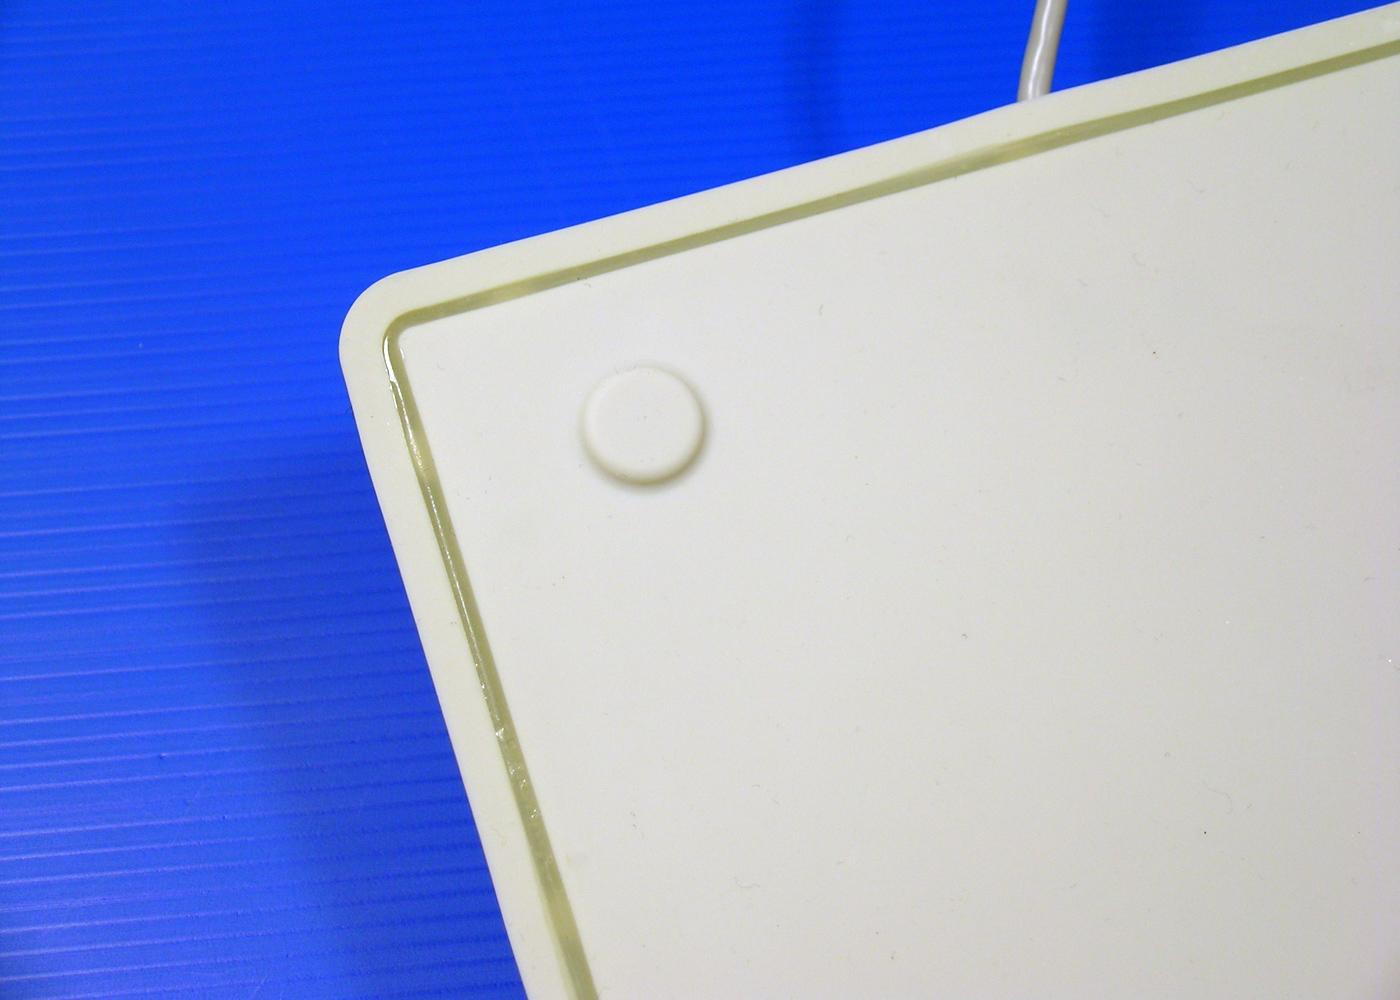 Clavier lavable 105 touches étanche IP68 avec vernis antimicrobien – Joint d'étanchéité